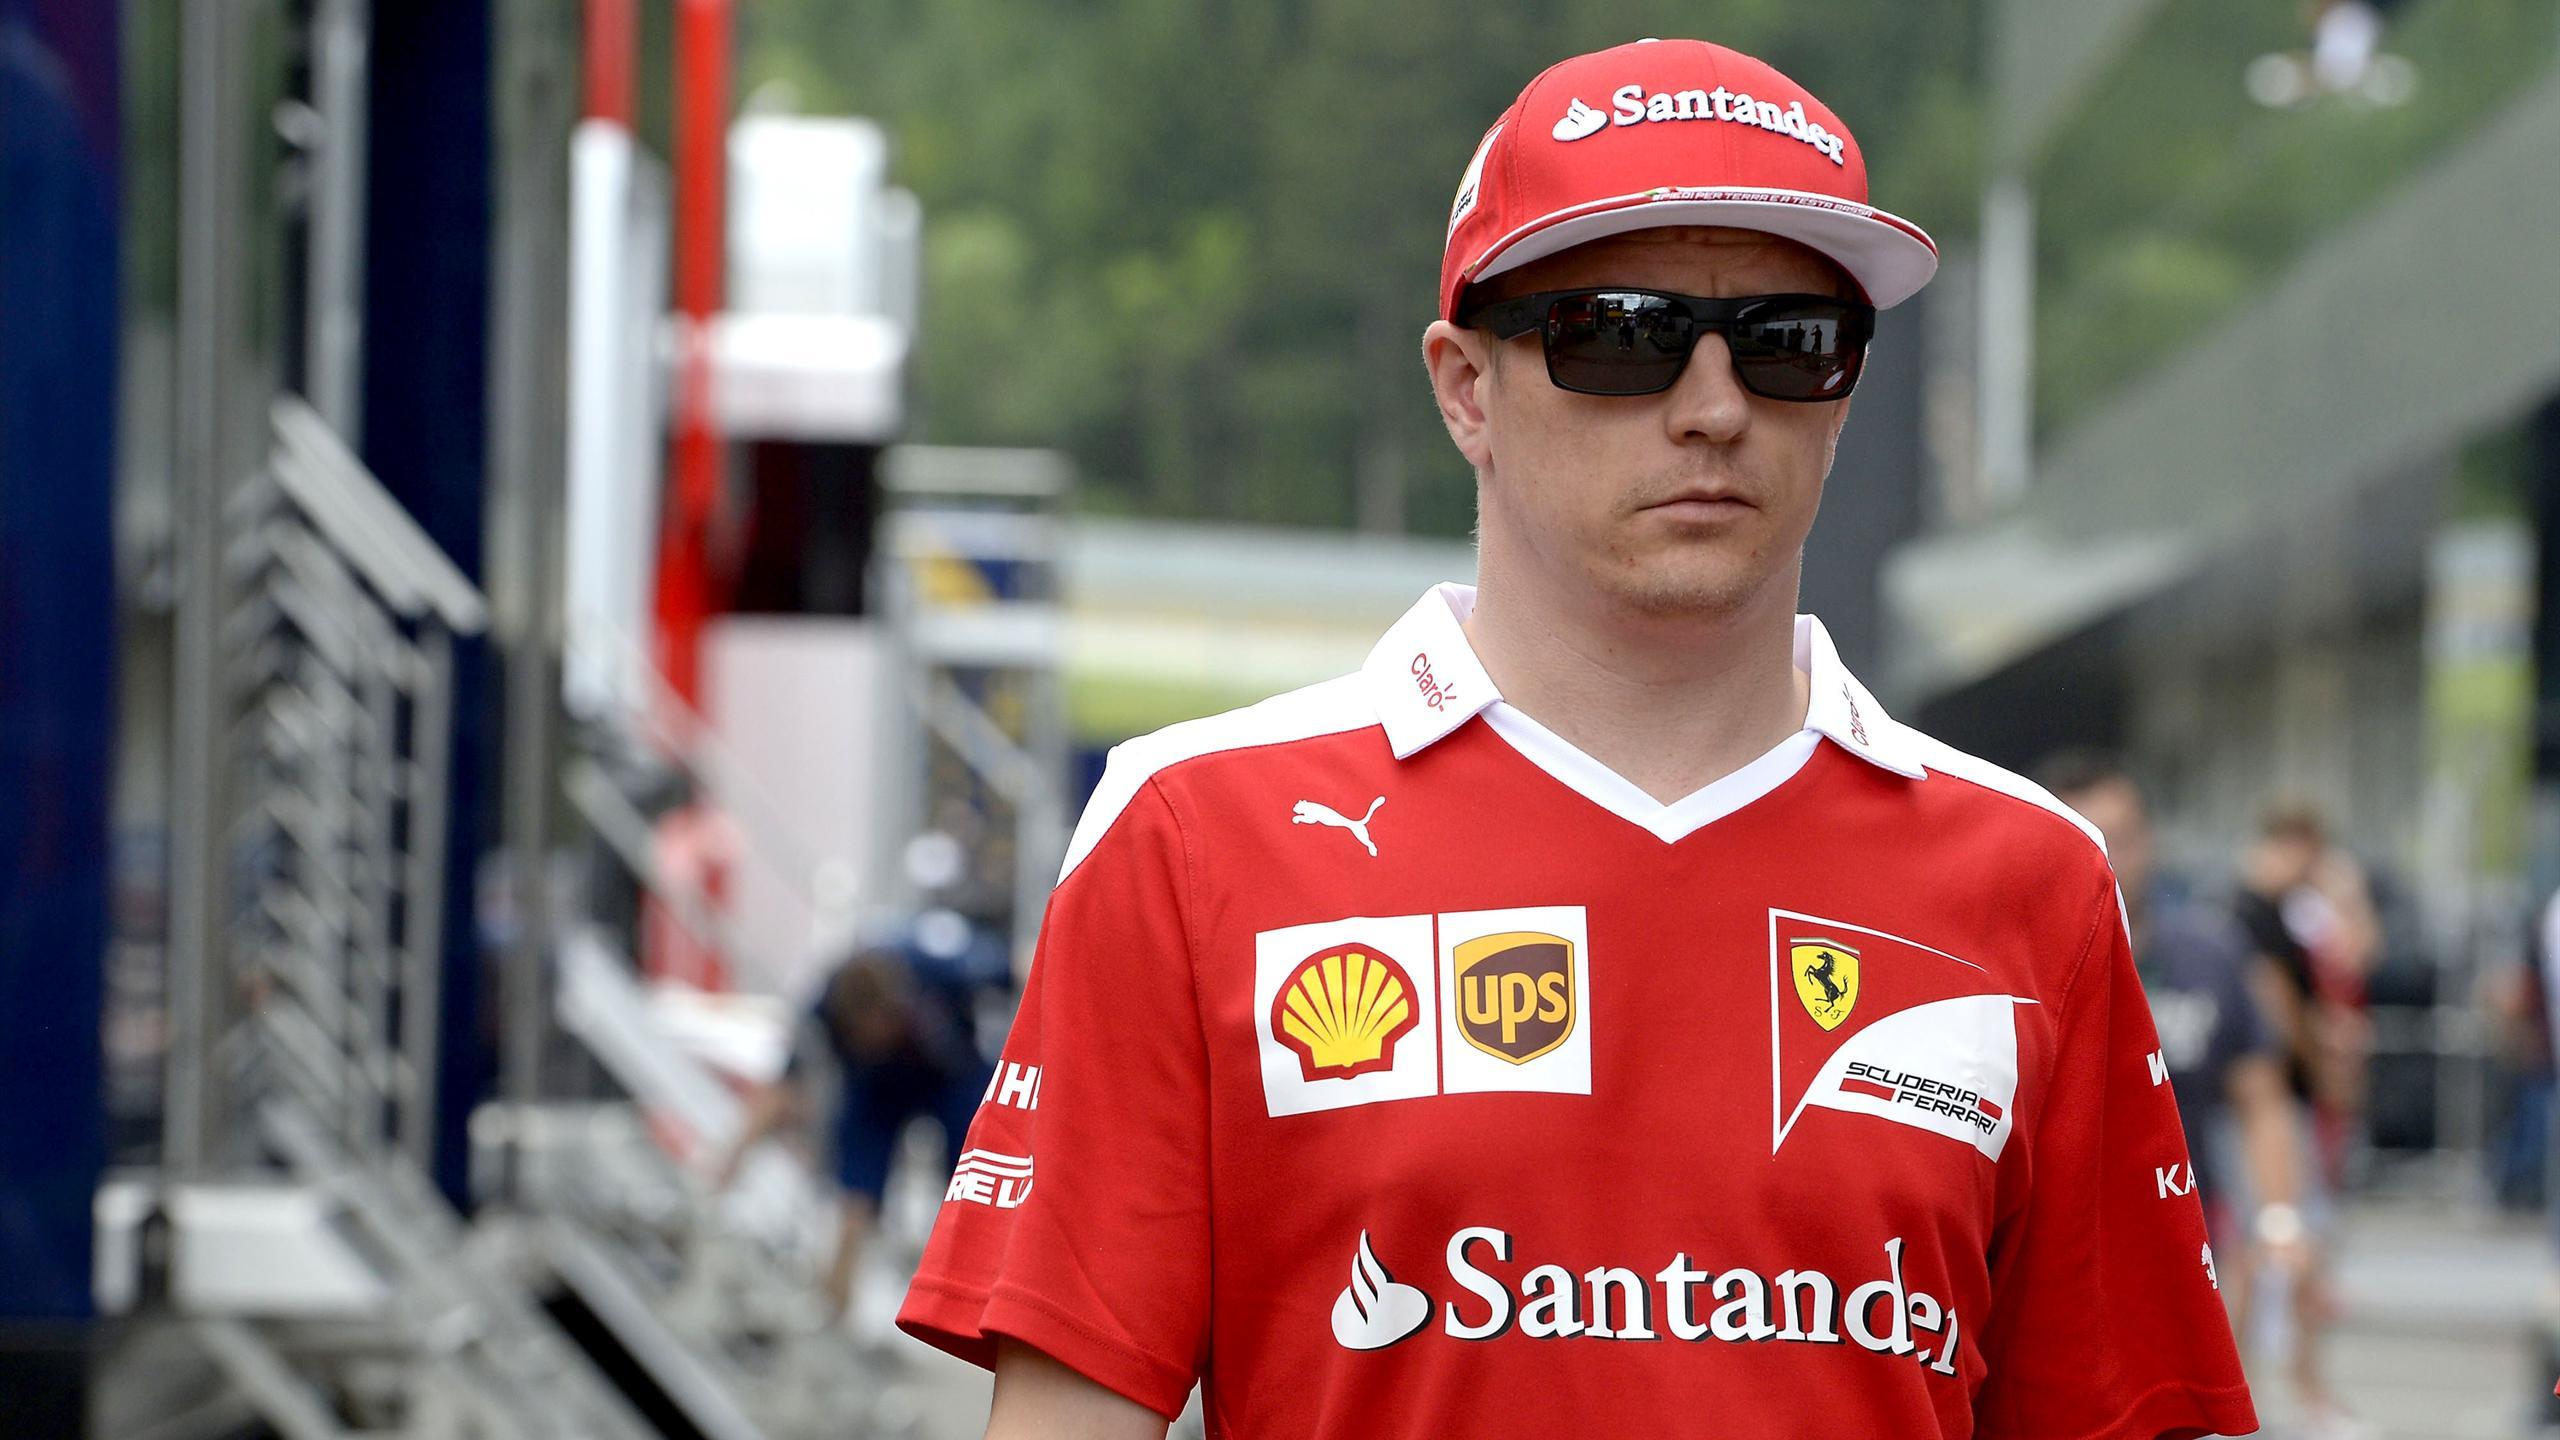 Kimi Räikkönen (Ferrari) - GP of Austria 2016